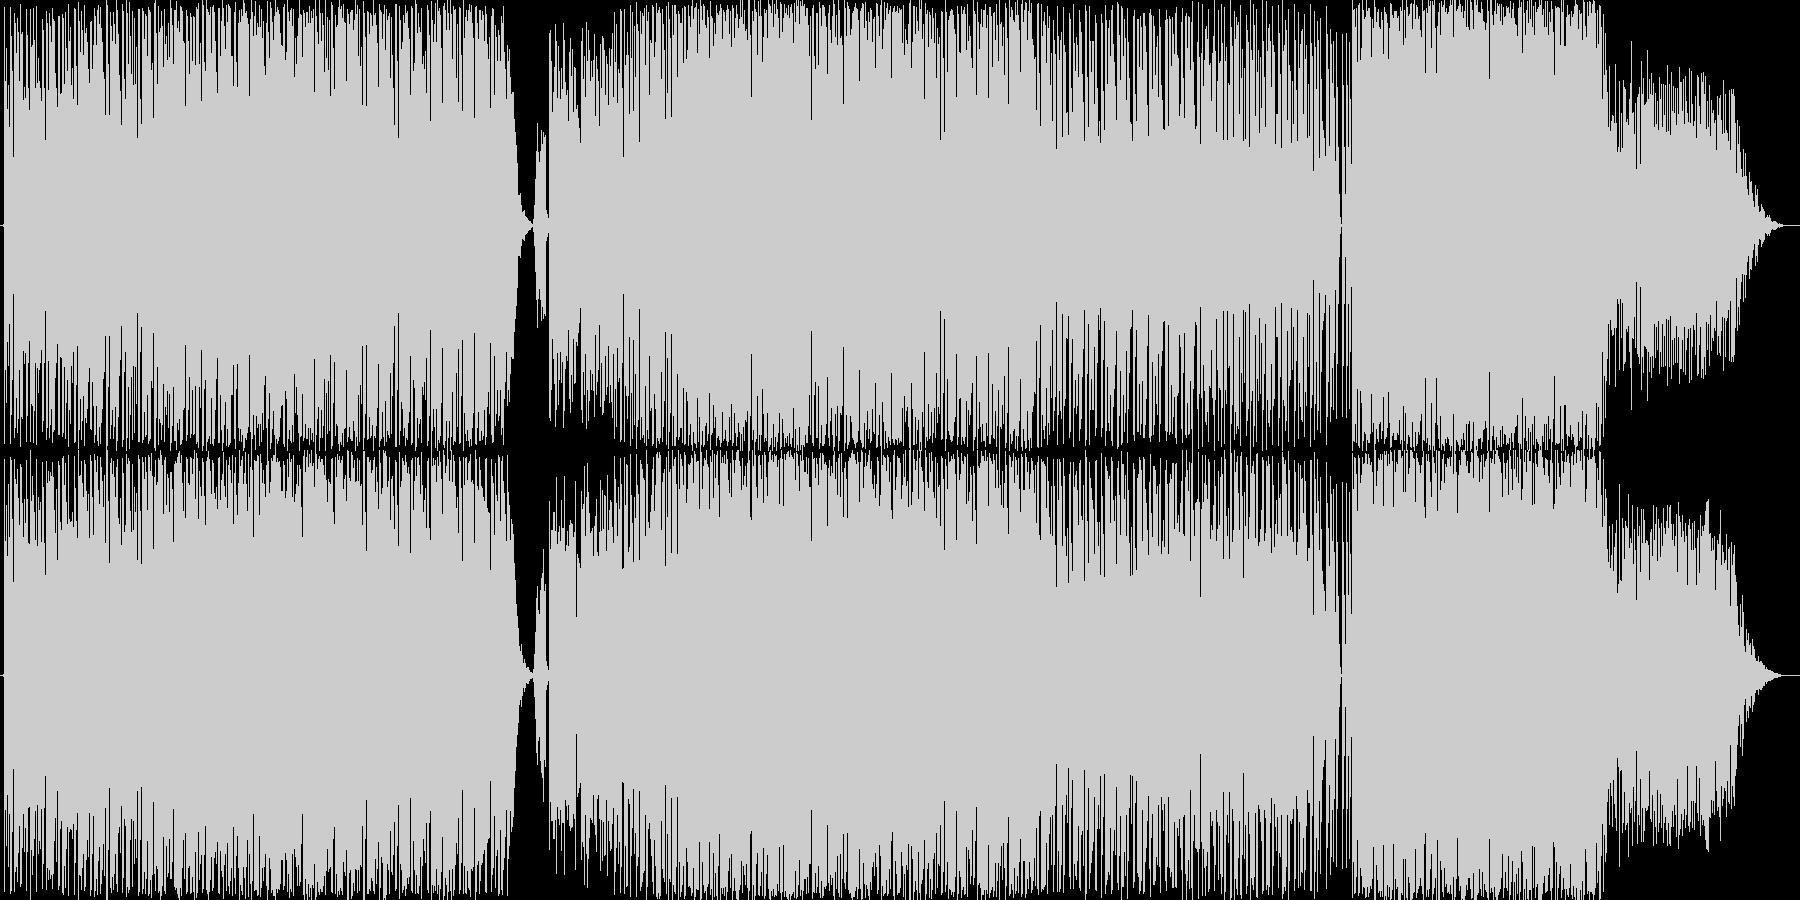 テクノです。ガジェット楽曲風な仕上がり…の未再生の波形